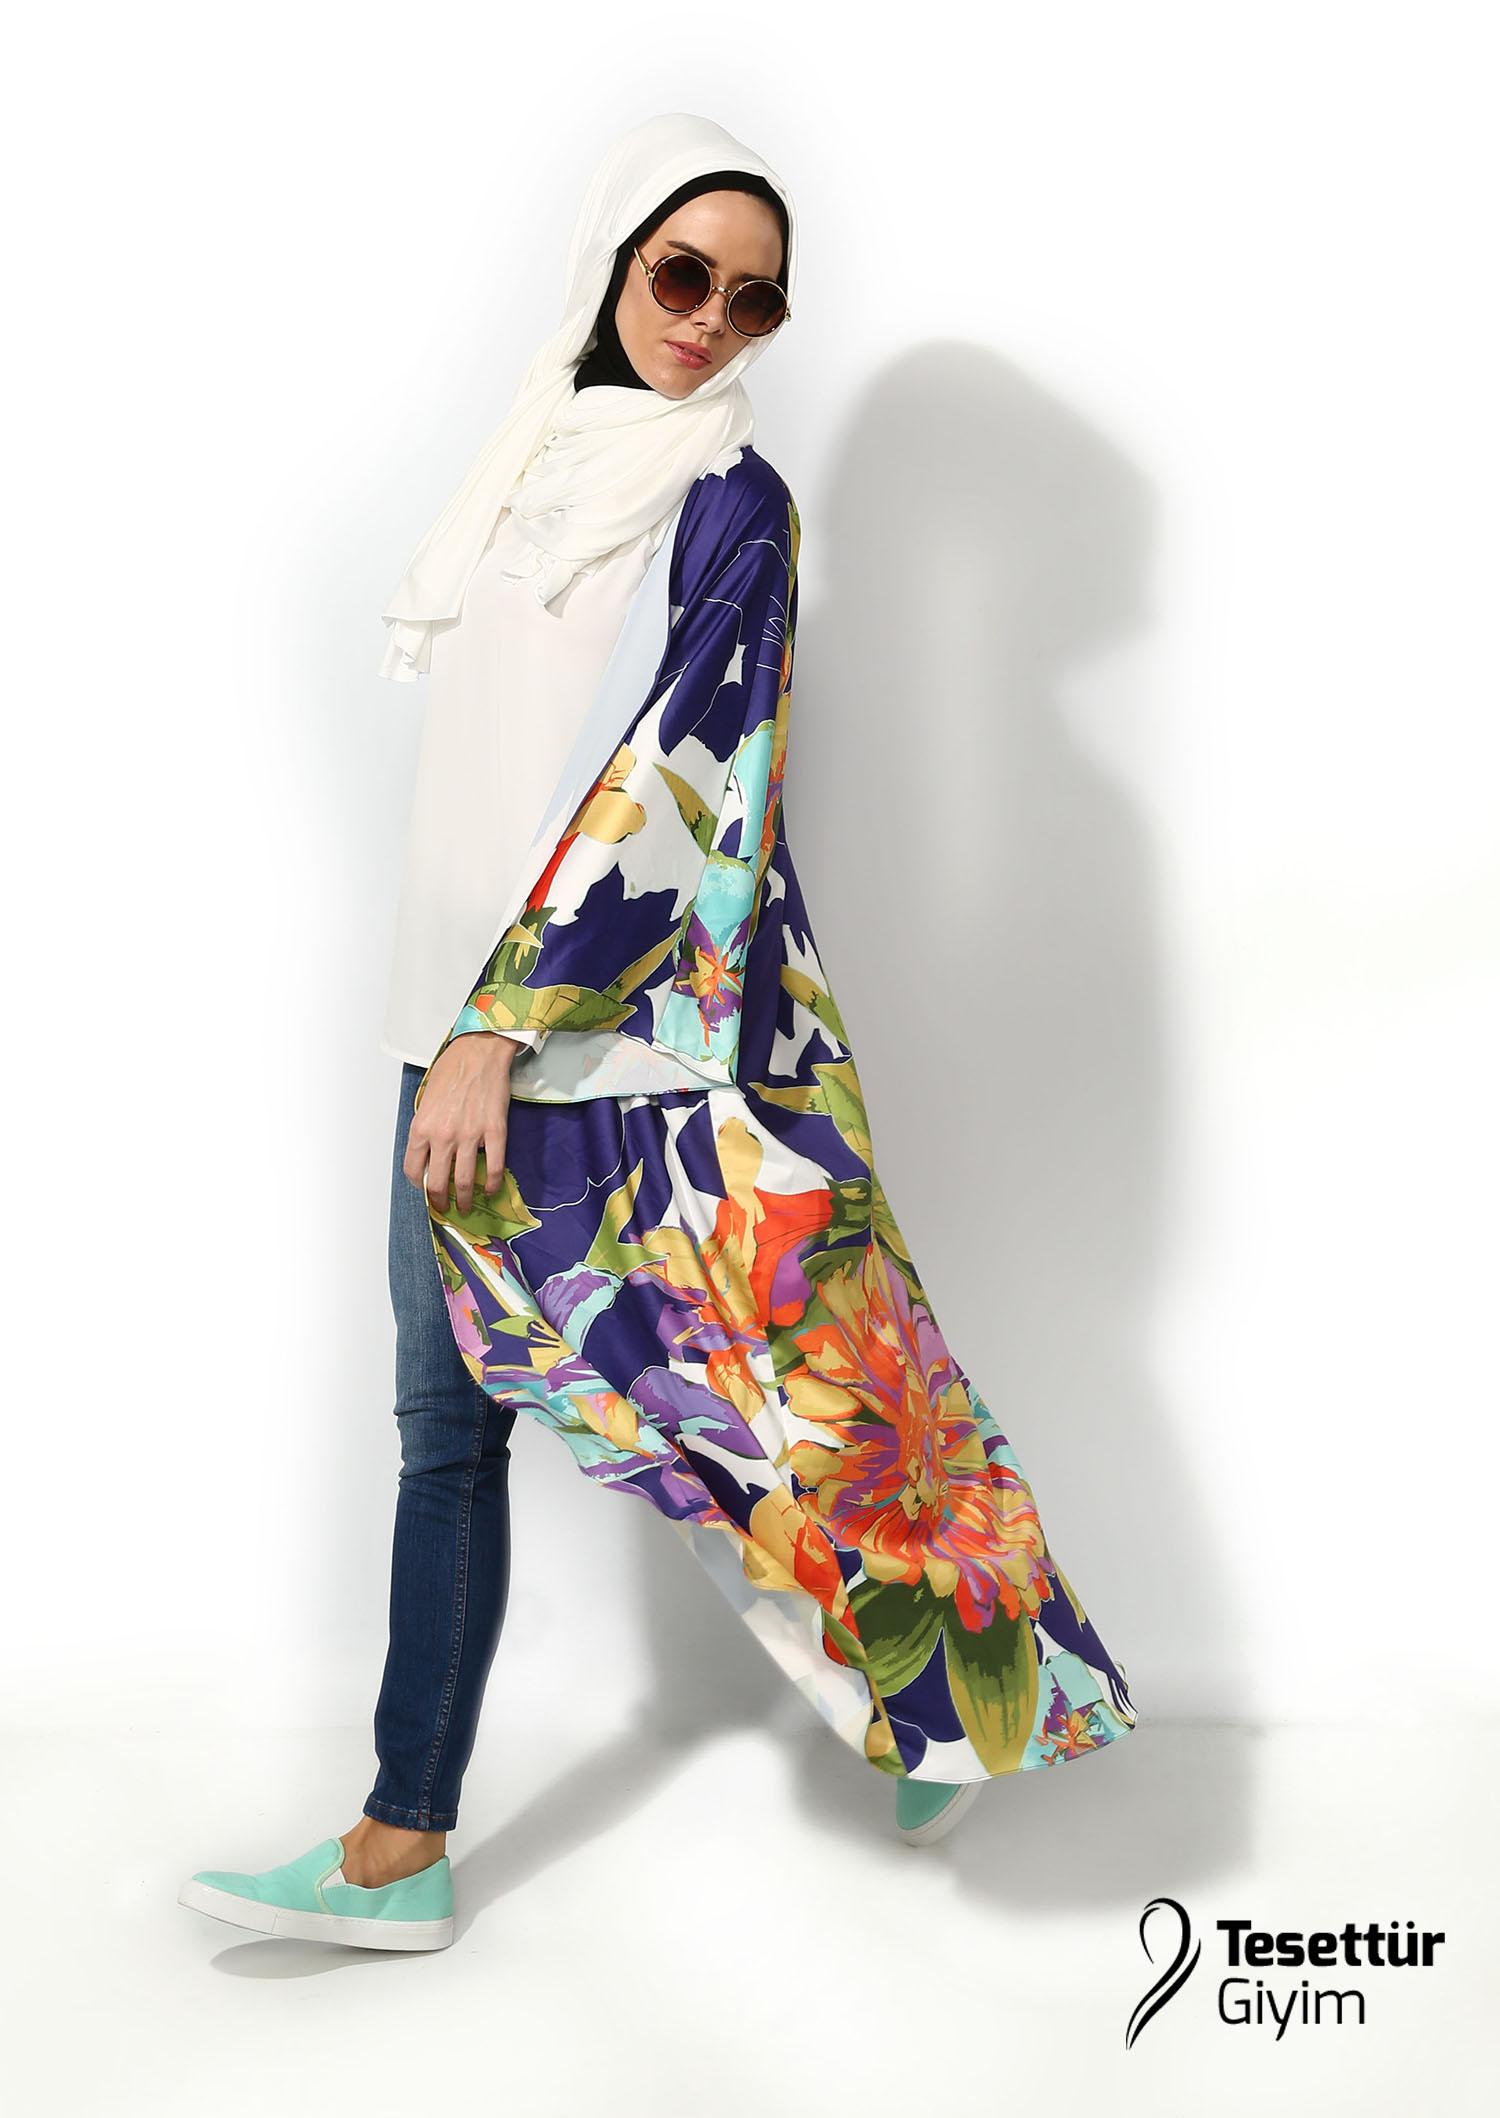 Dünyaca Ünlü Modacı Rabia Z. Modanisa'da!